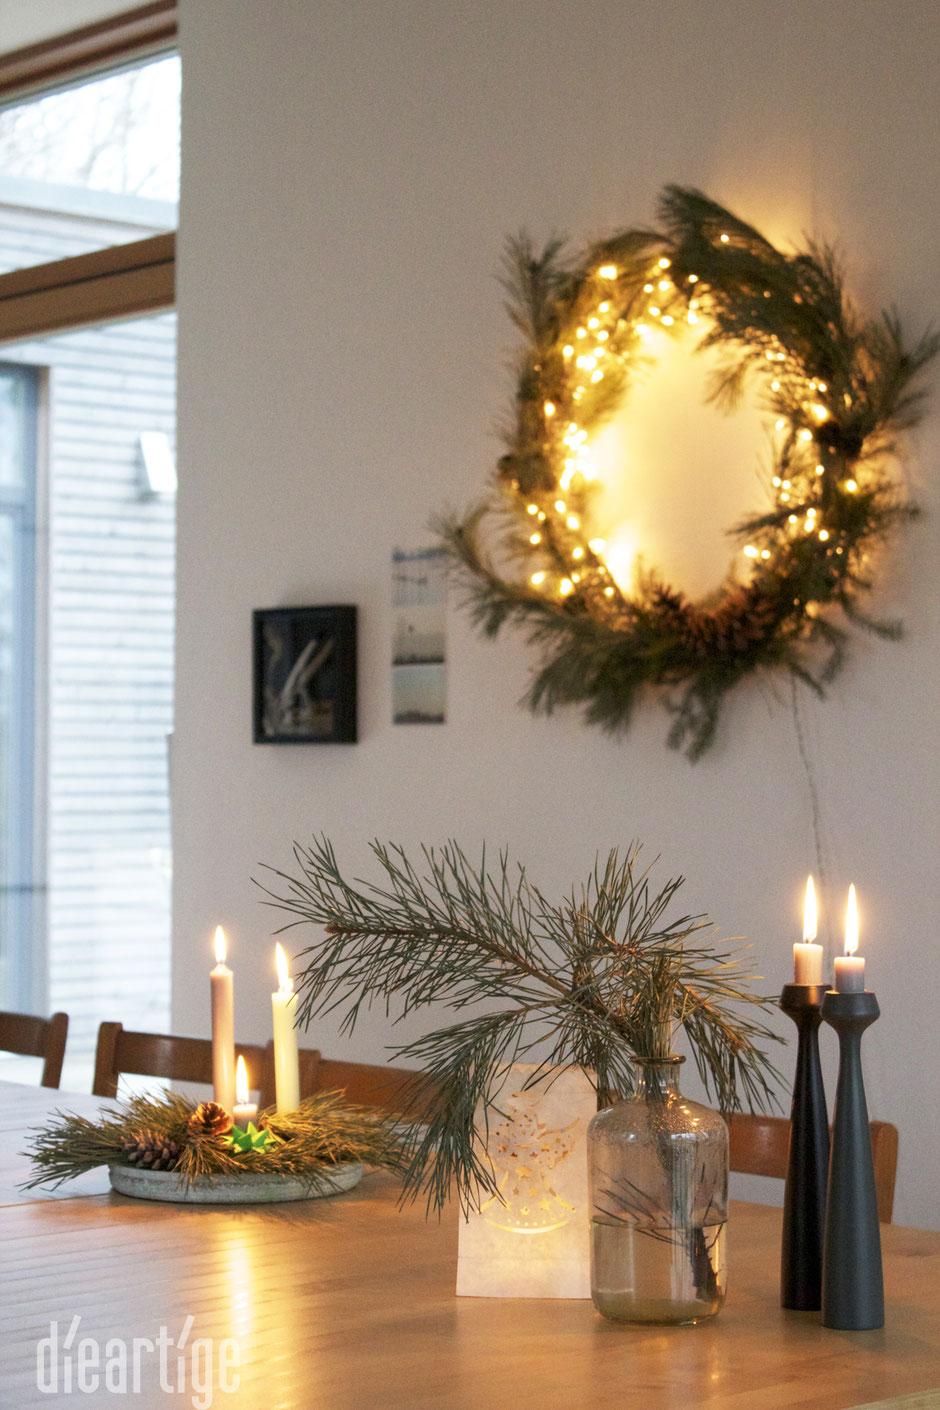 dieartigeBLOG - Adventsdekoration, Kiefernzweige, Applicata Kerzenständer Blossom